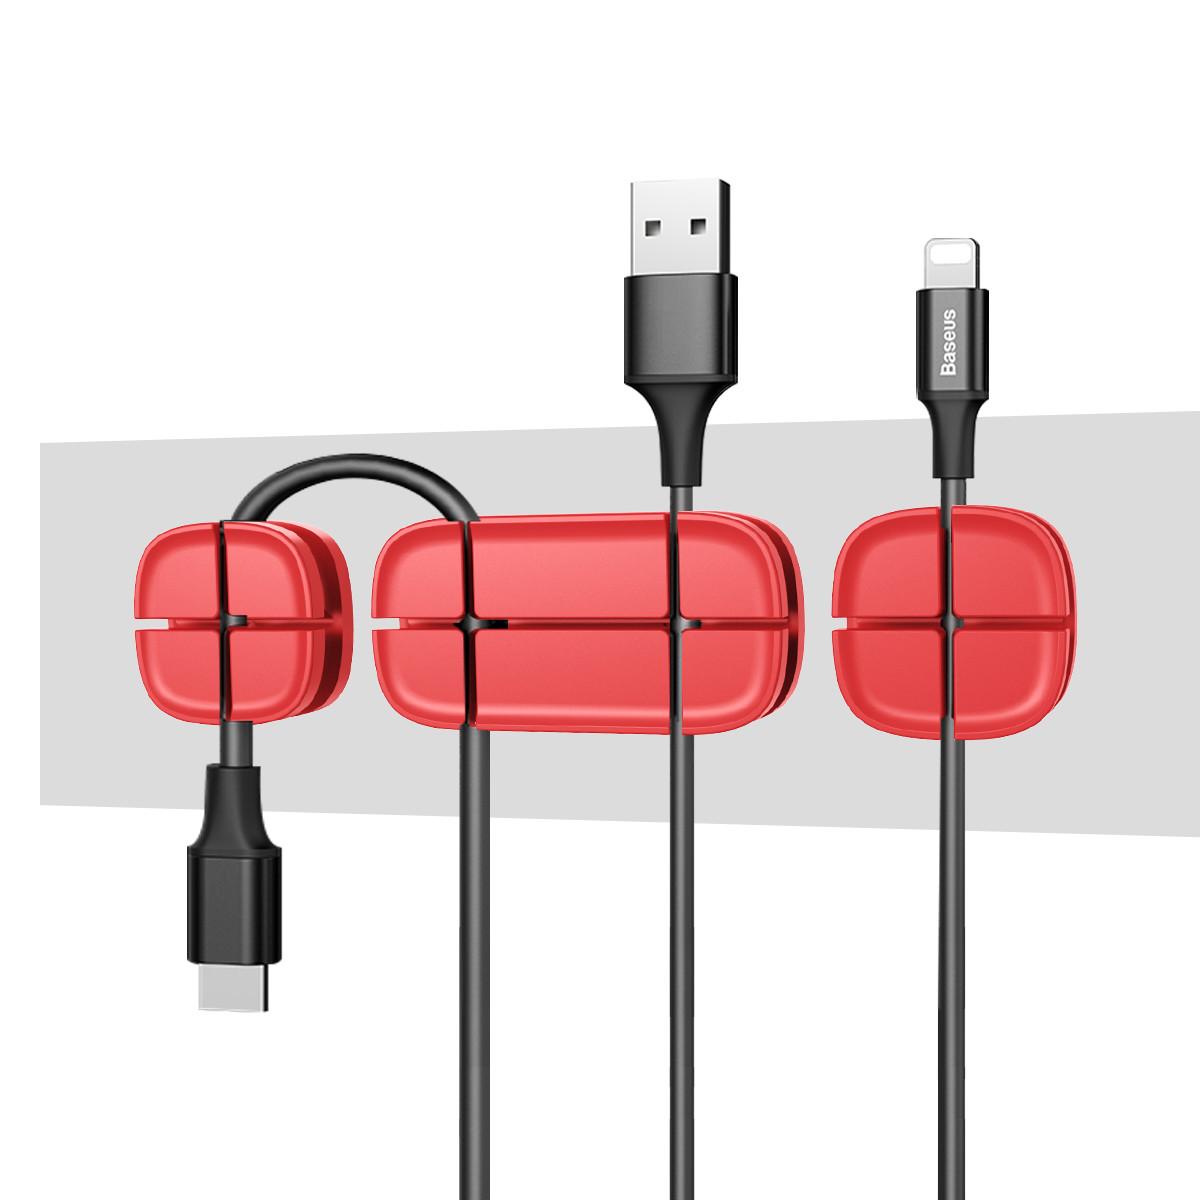 Держатель для проводов Baseus Cross Peas Cable Clip red